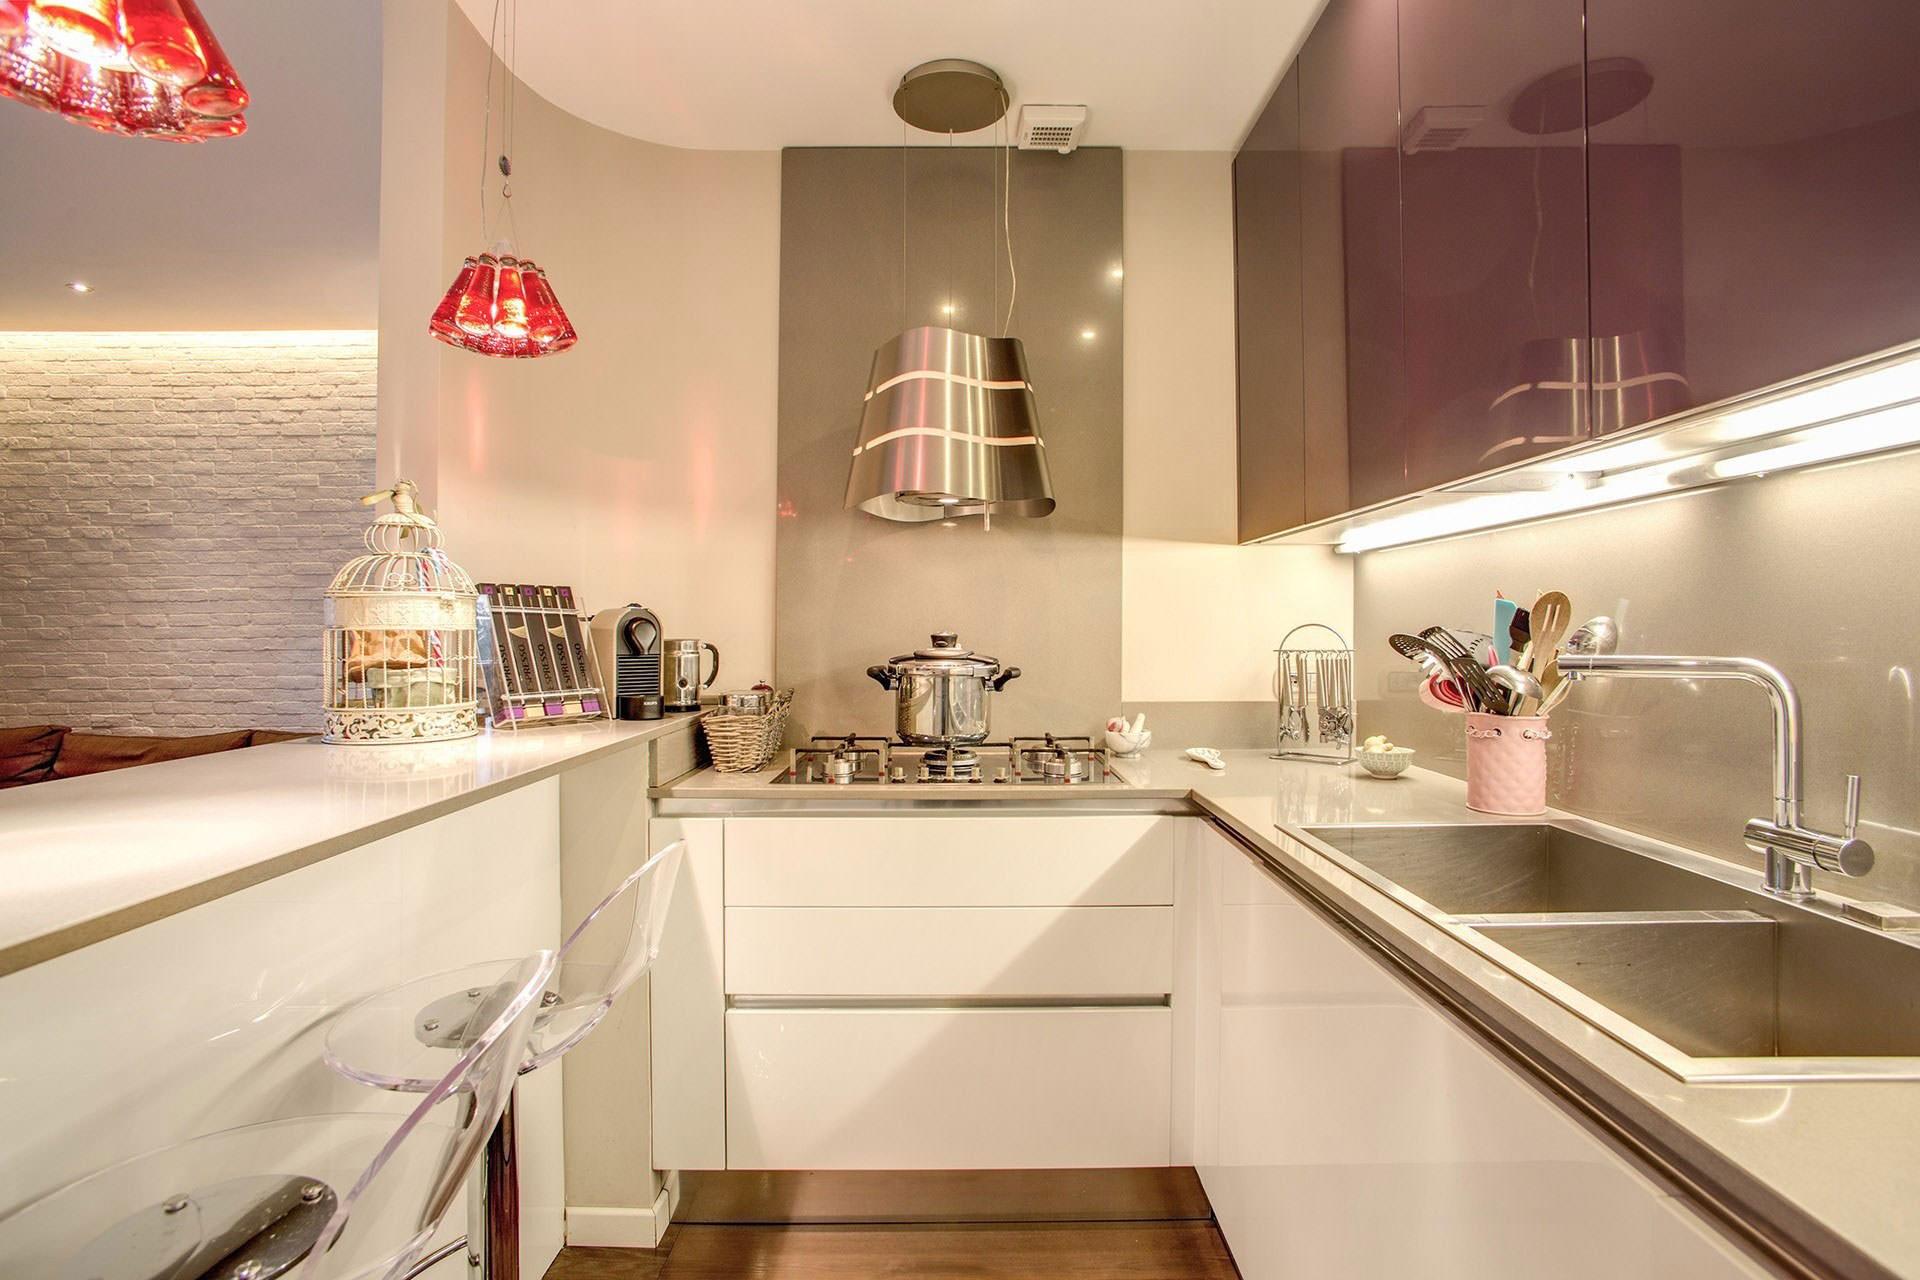 komforten-apartament-sas-sempal-dizain-v-rim-6g